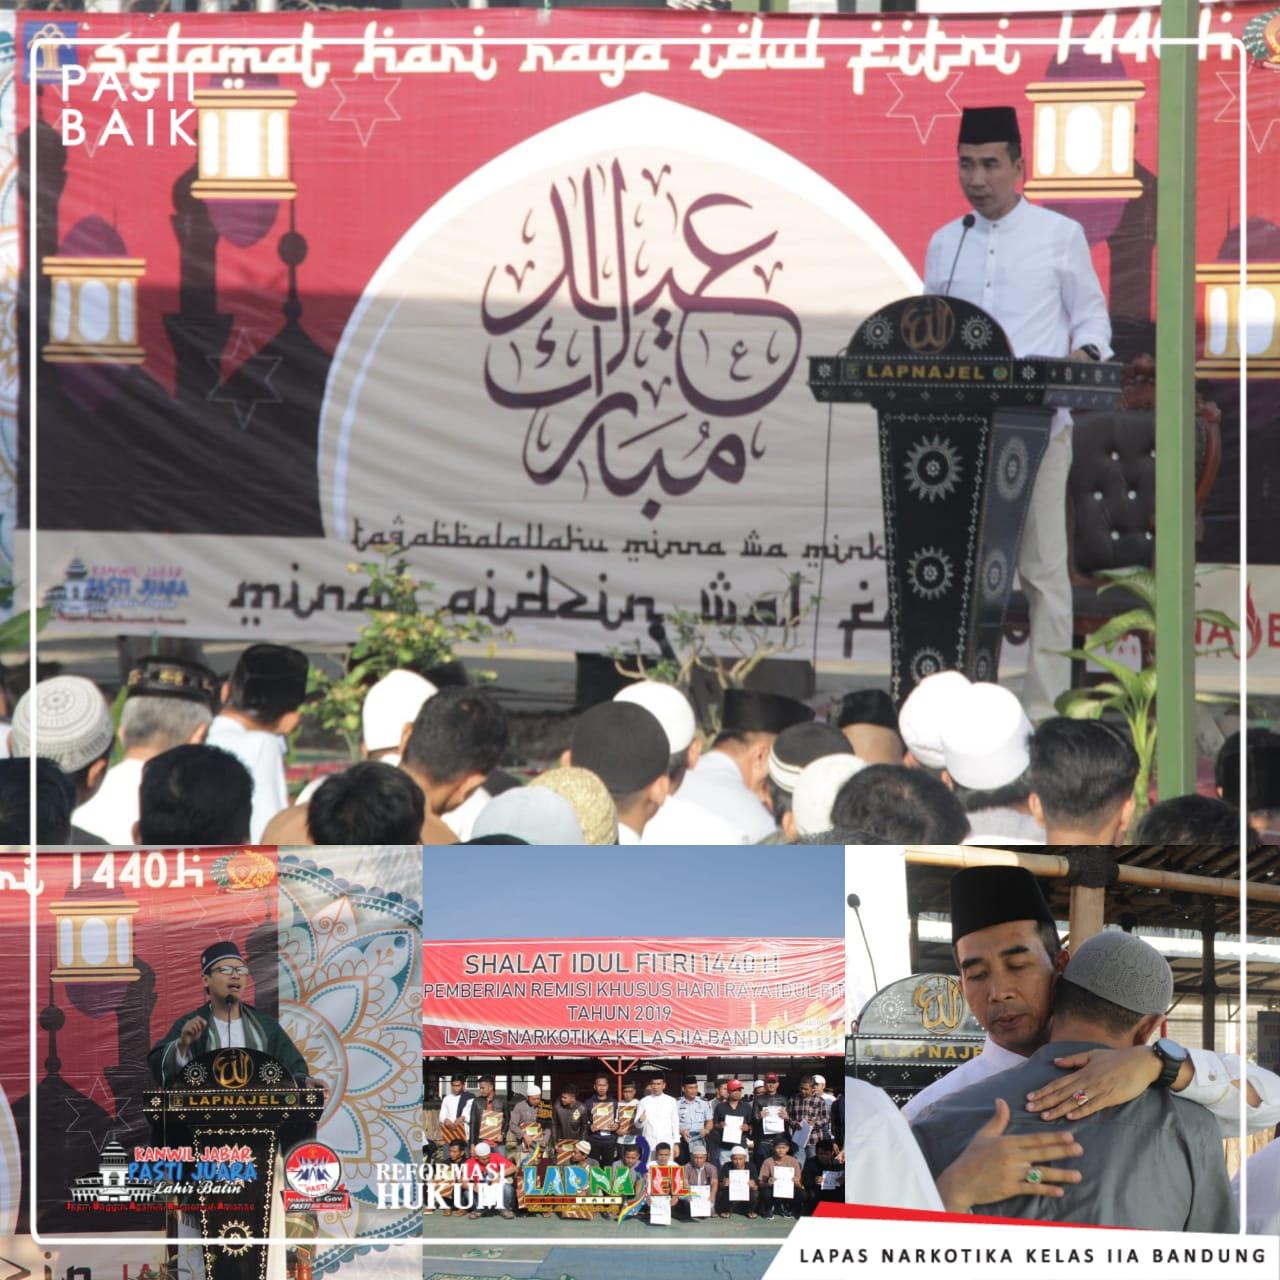 Waktu Pelaksanaan Shalat Idul Adha: PELAKSANAAN SHALAT IDUL FITRI 1 SYAWAL